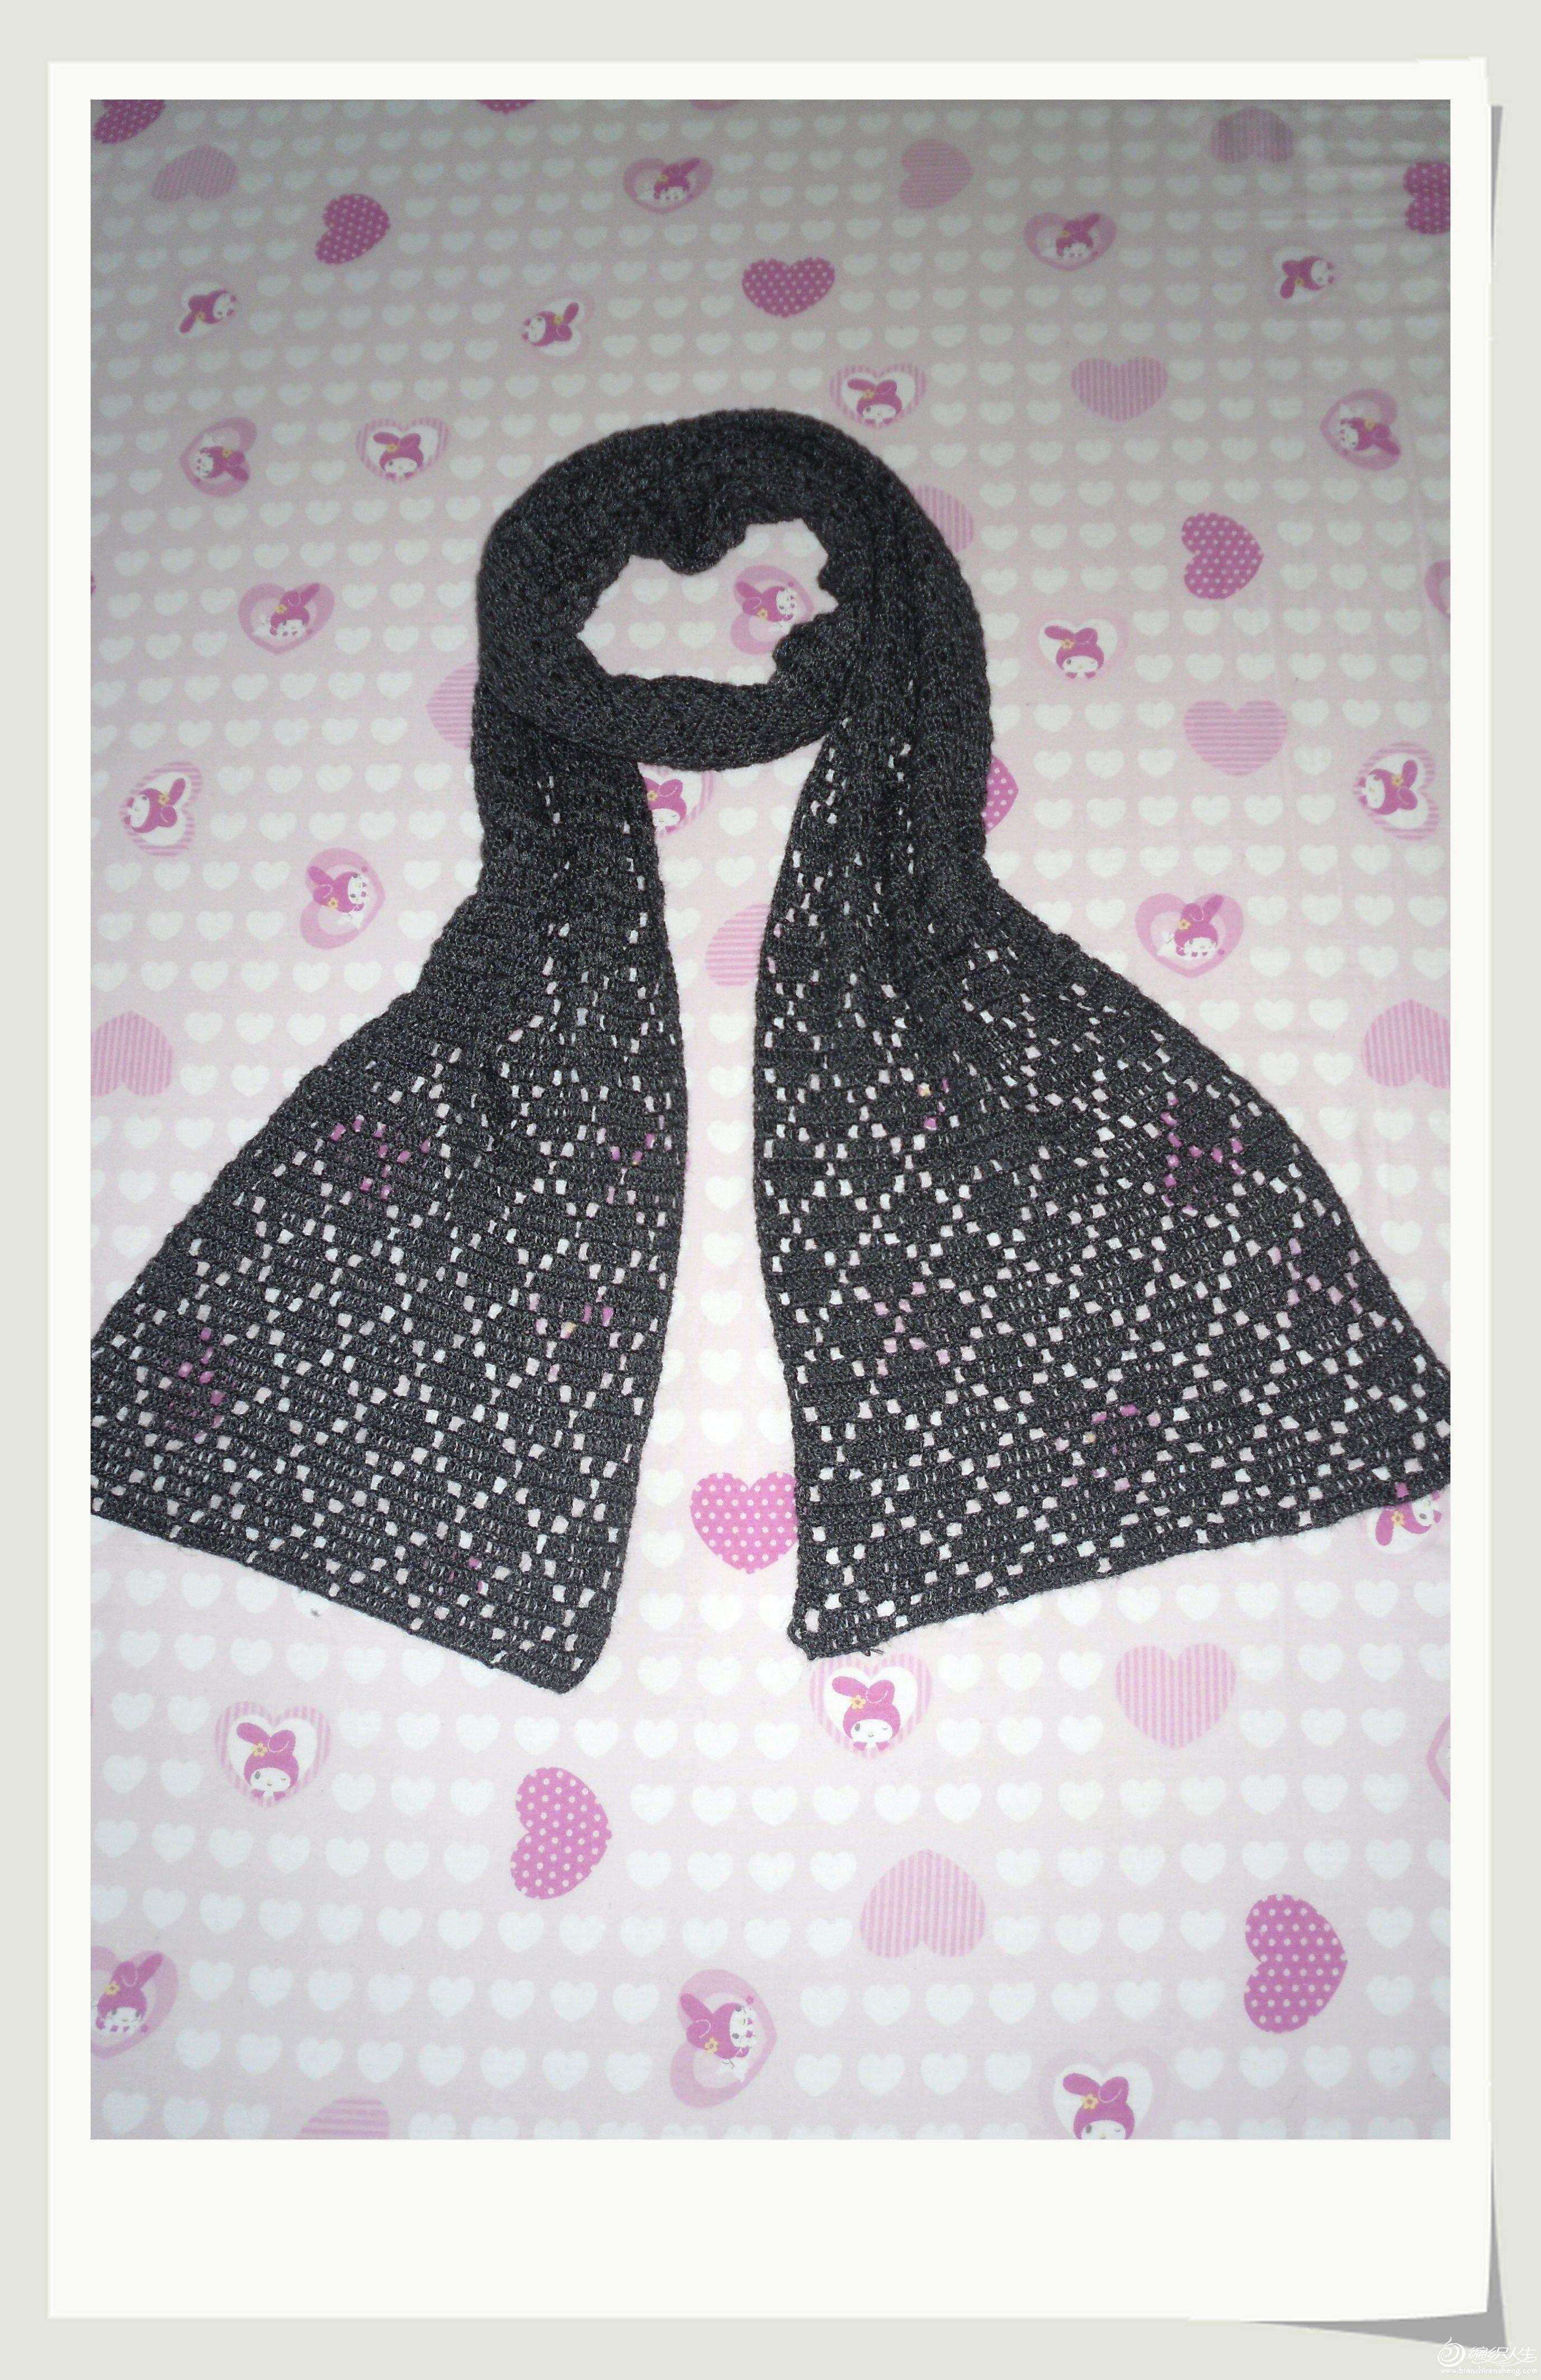 菱形格围巾2.jpg